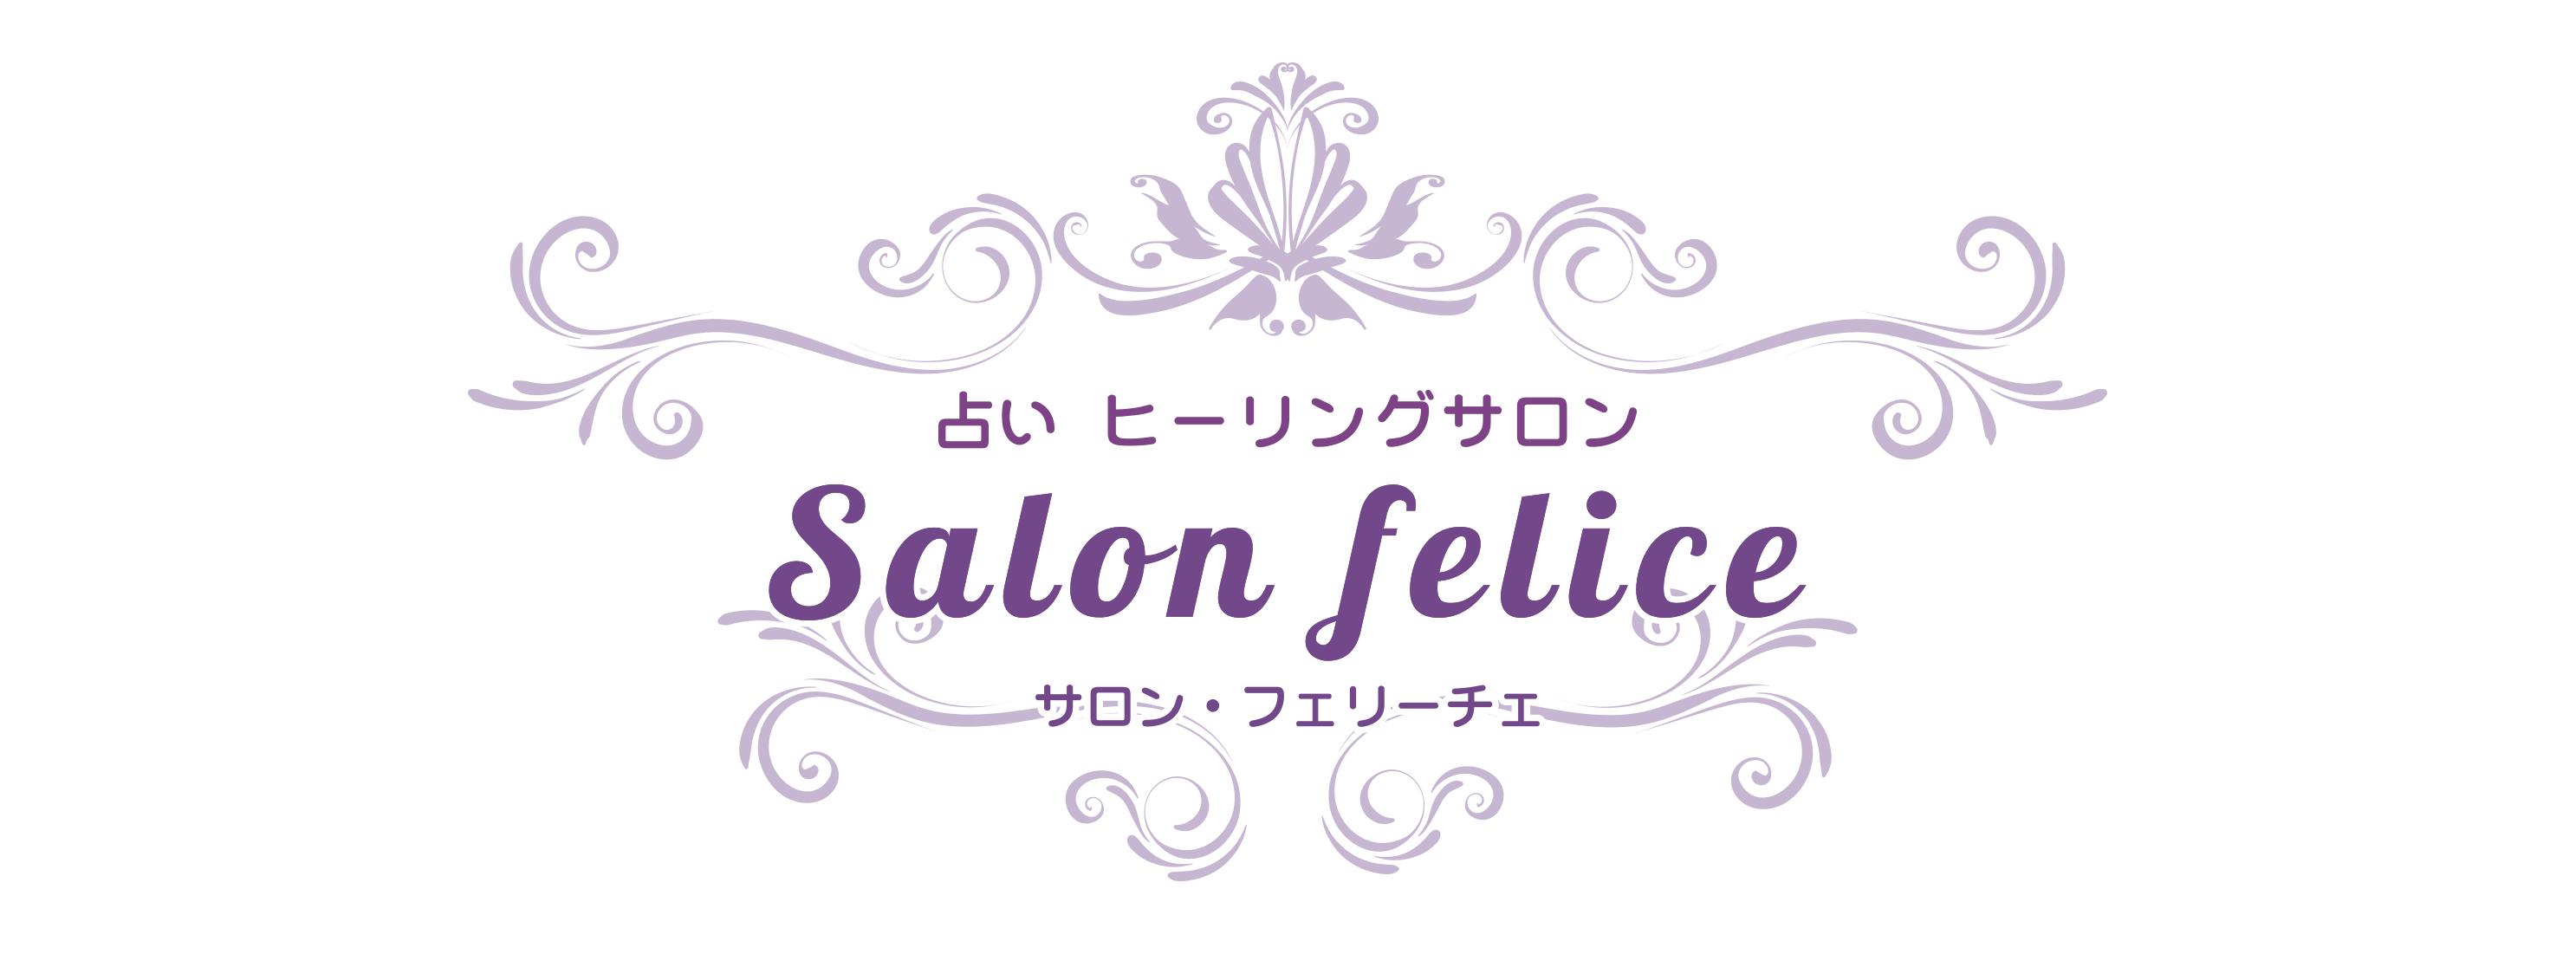 【公式】神谷奈月の占いヒーリングサロン〜Salon felice〜